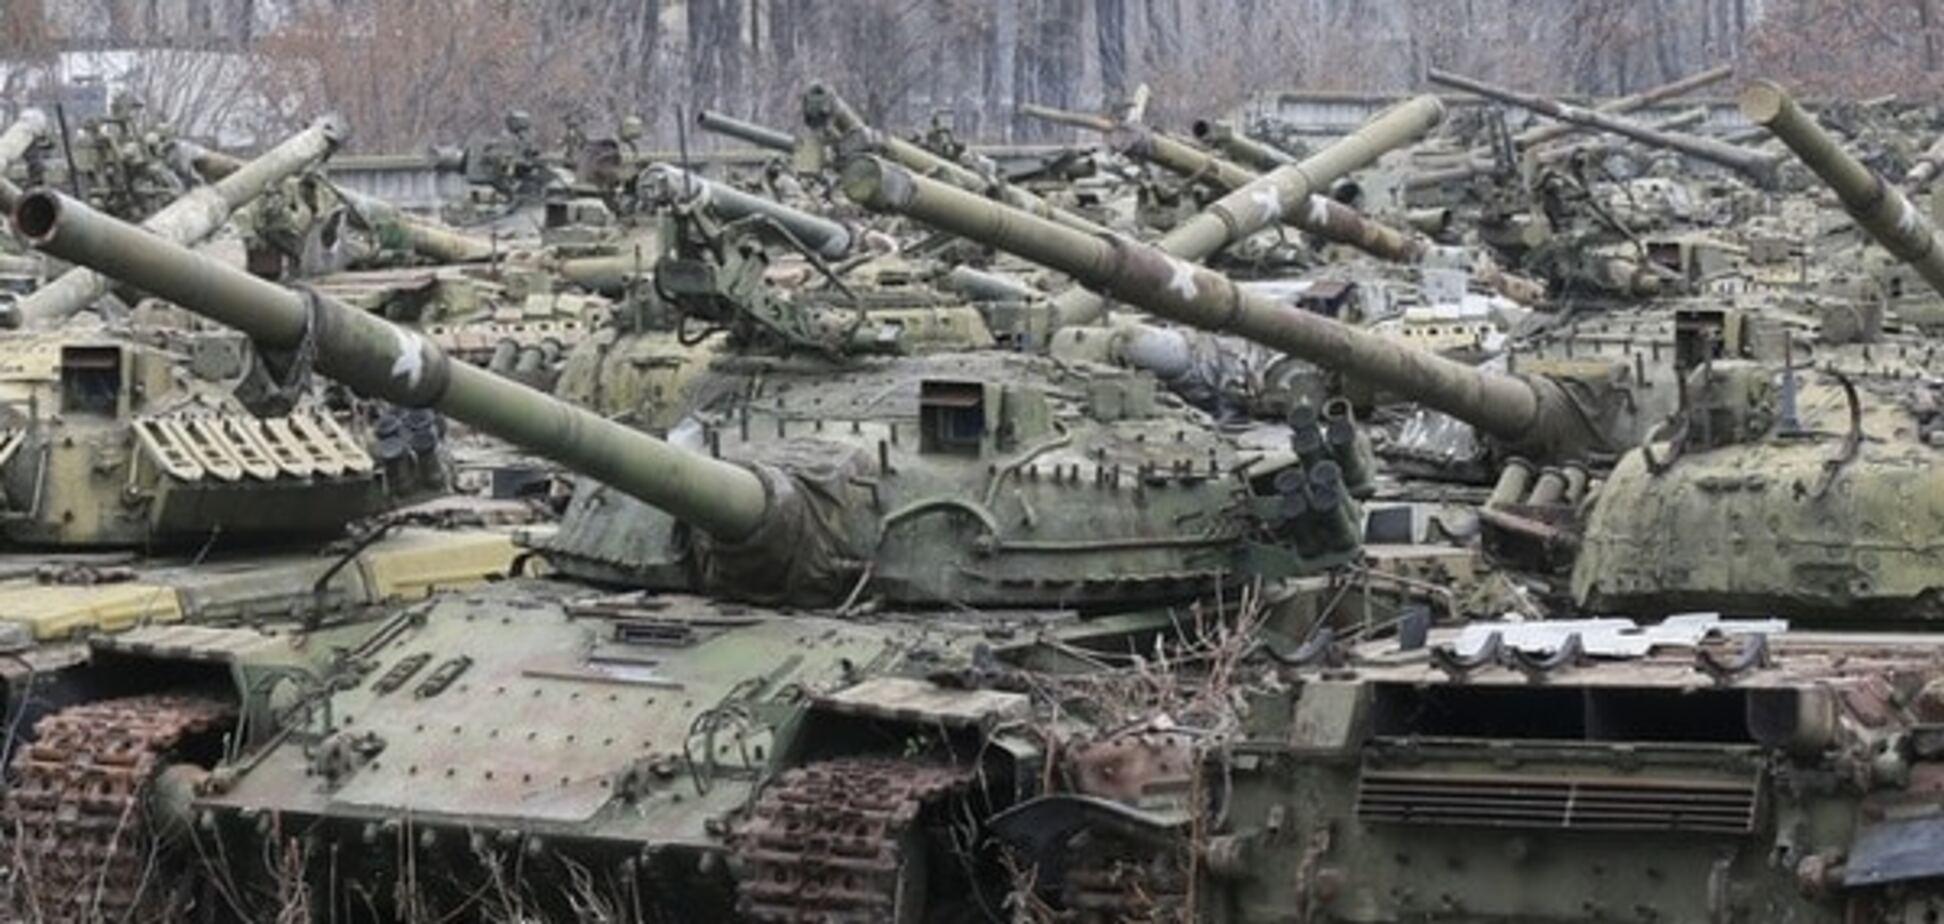 Українська армія стала потужнішою на 50 танків